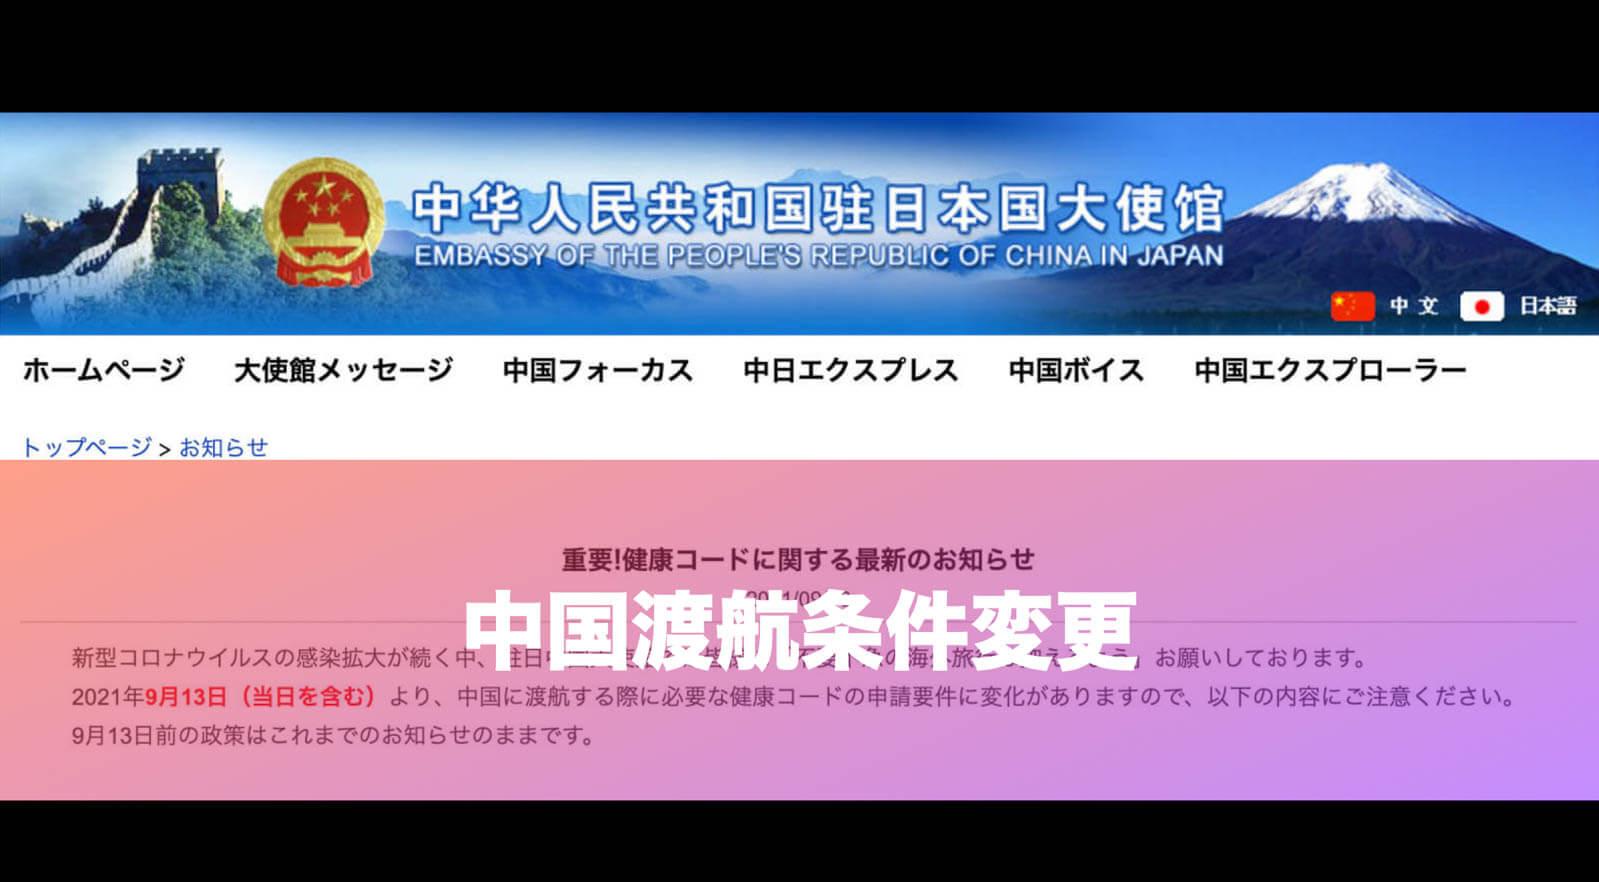 【大使館アナウンス】コロナ陽性歴者やワクチン接種者の中国渡航条件変更(9/13-)